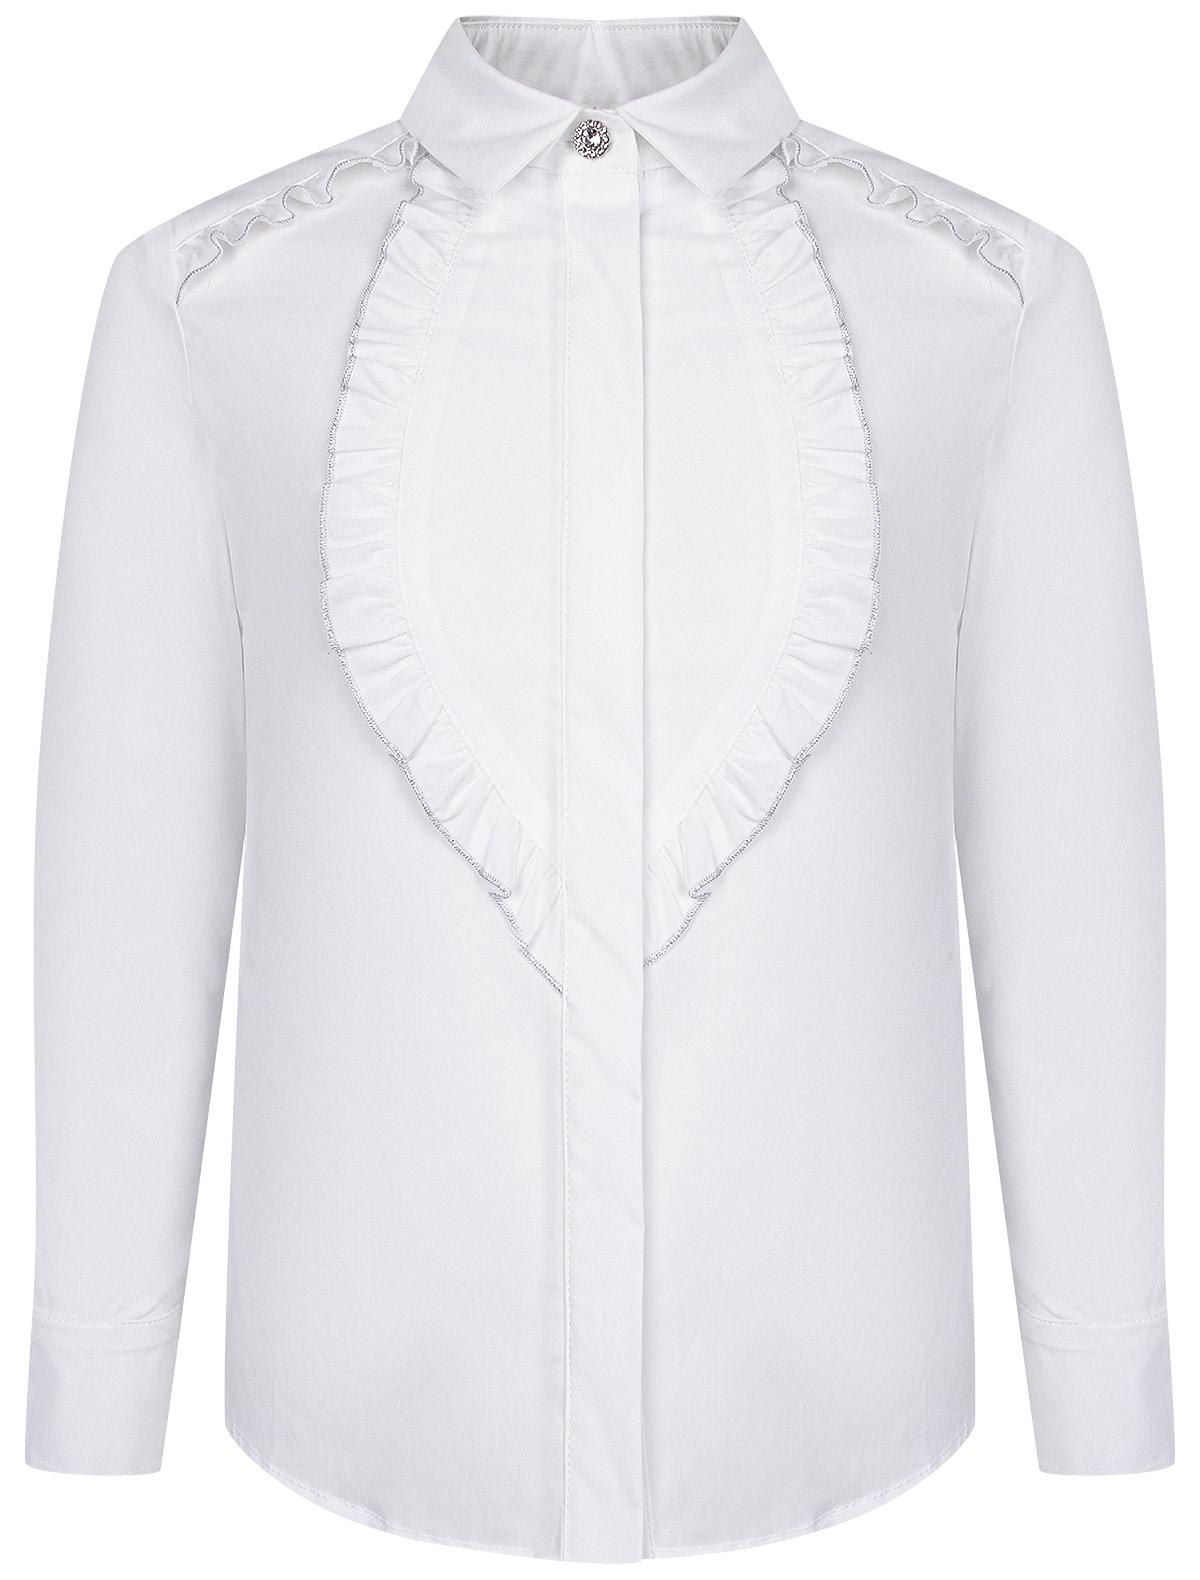 Купить 2219773, Блуза SILVER SPOON, белый, Женский, 1034509080019